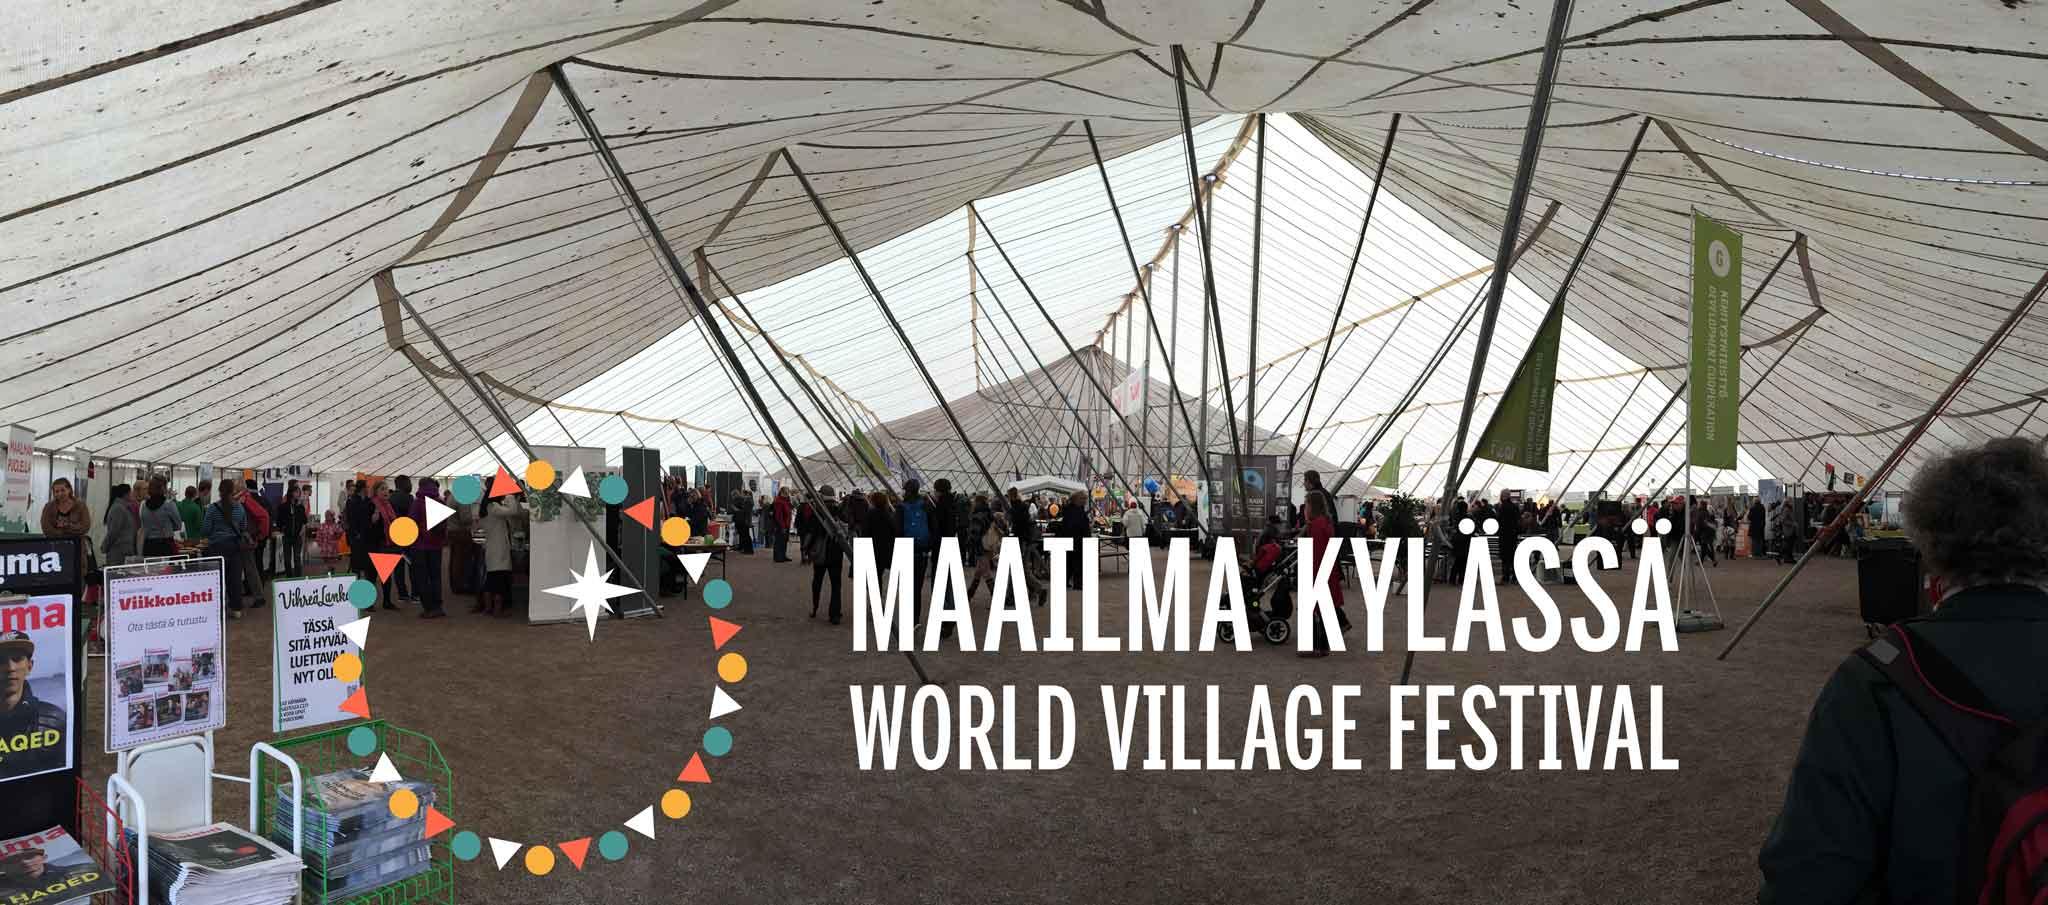 Maailma kylässä – festivaali järjestetään tänä keväänä 28.–29.5.2016